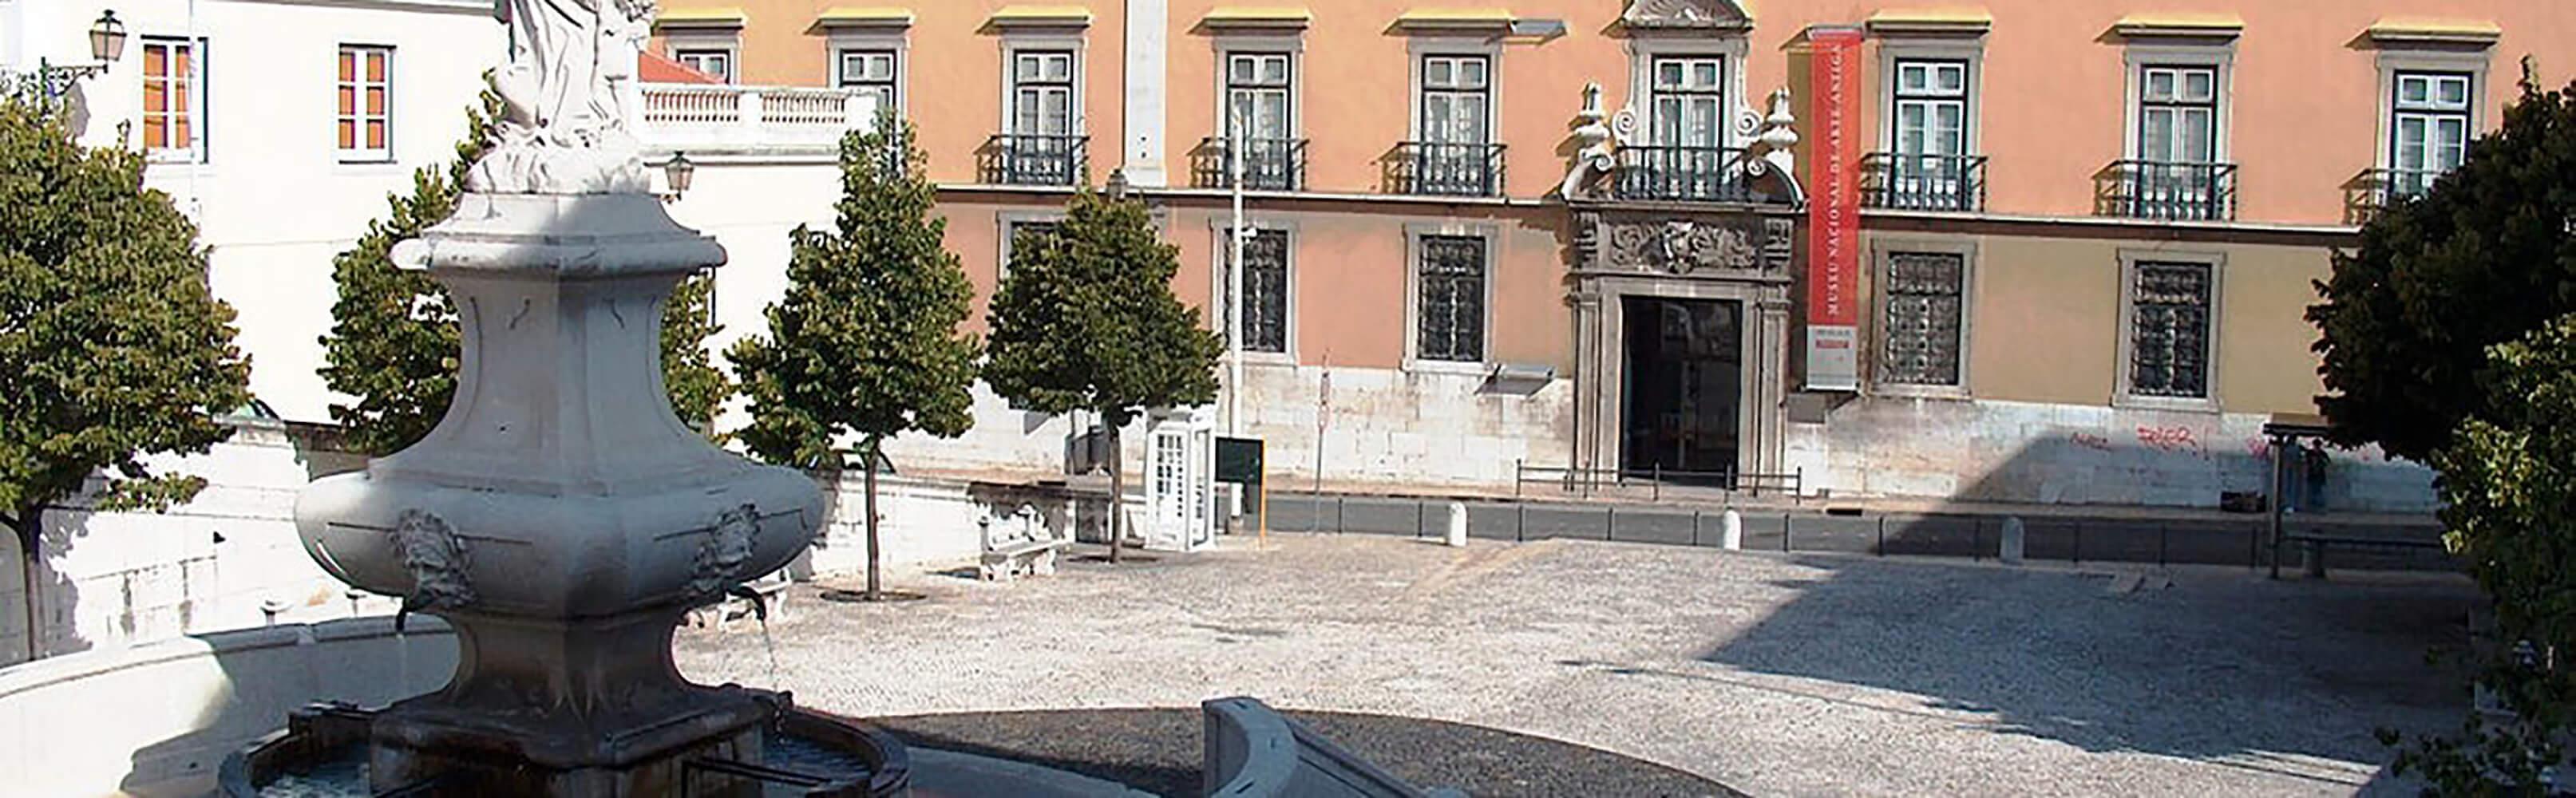 Museu Nacional de Arte Antiga 1